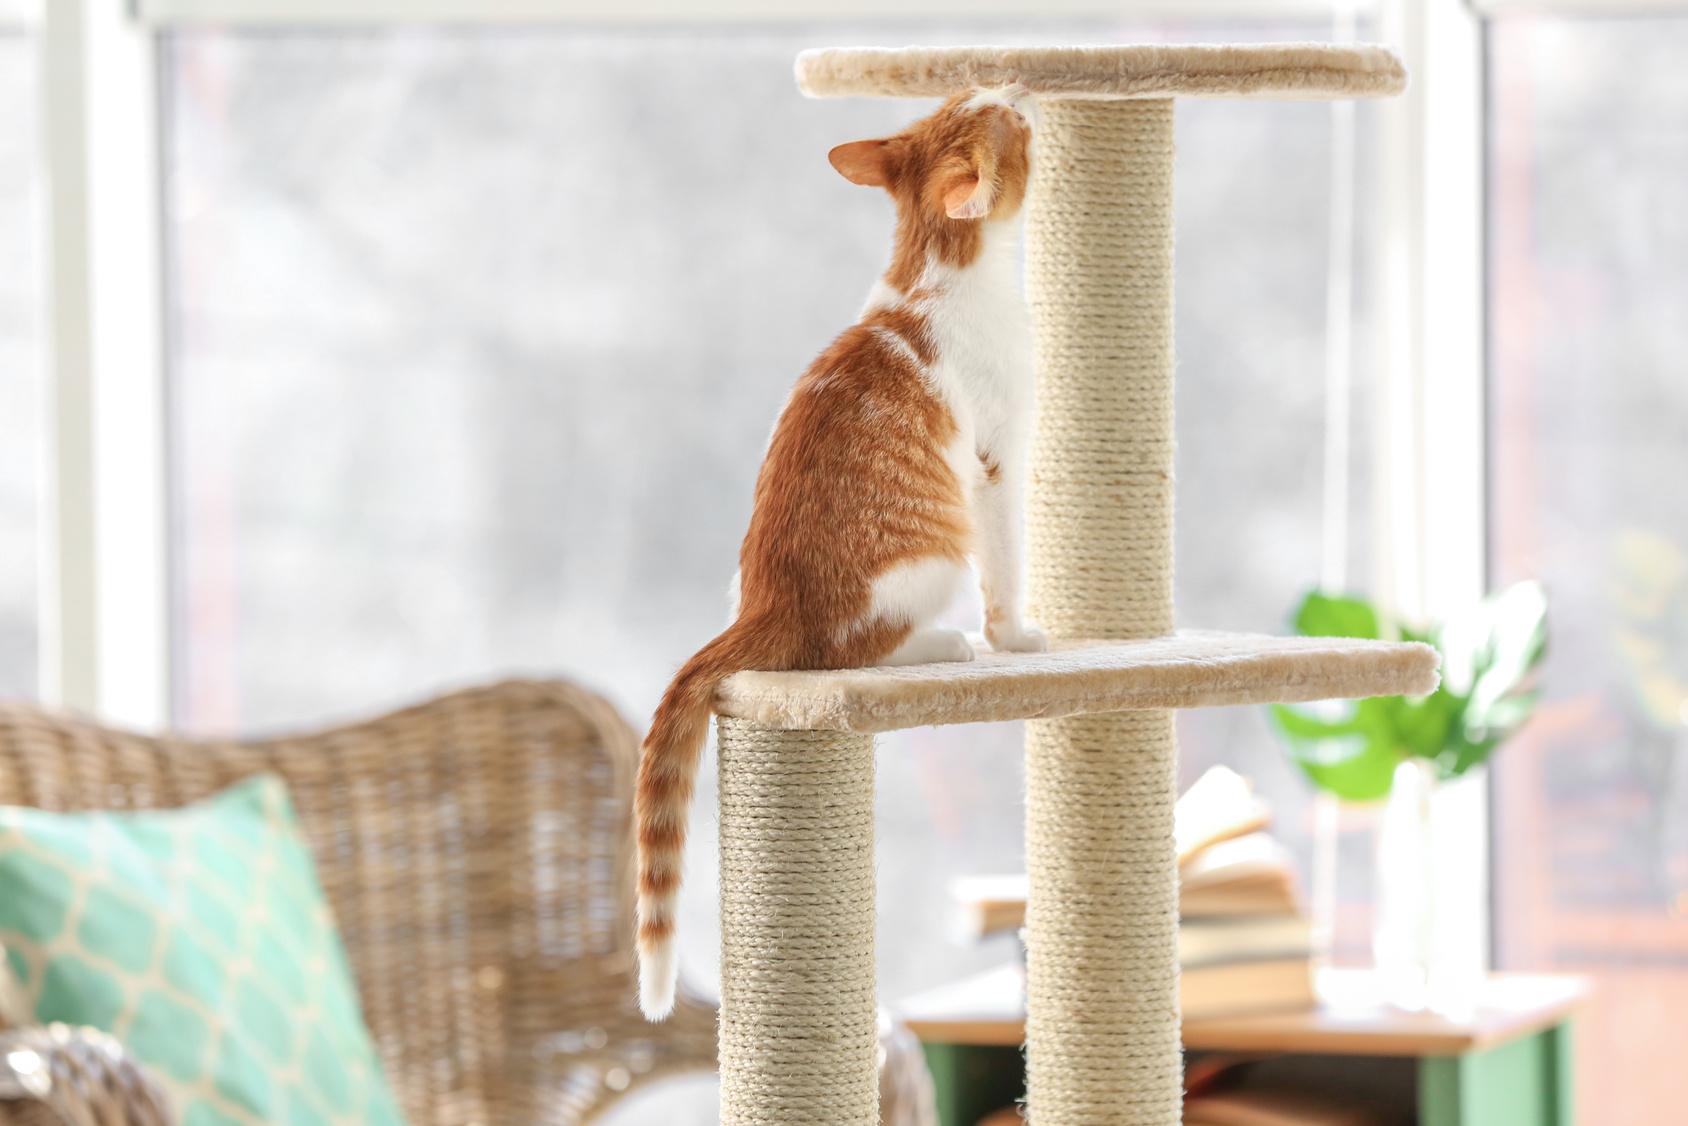 飼い主さんも憧れる!猫が喜ぶキャットタワーの選び方